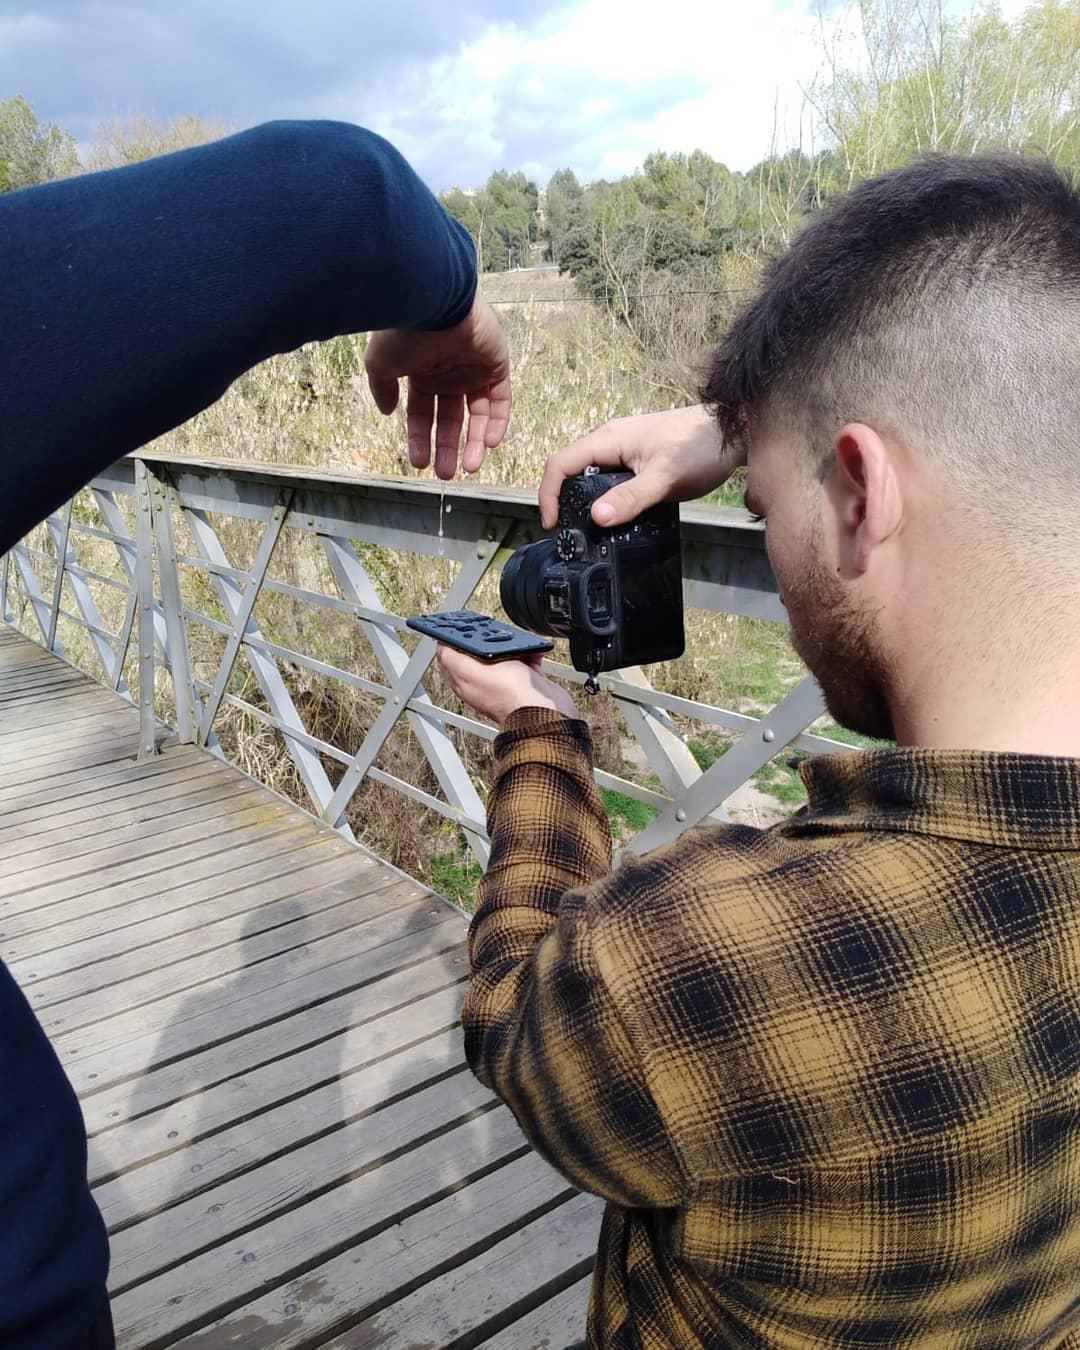 54511809 386448548575881 1116884149410392062 n - 12 ловких трюков от фотографа из Барселоны, которые помогут сделать ваши снимки ещё более эффектными